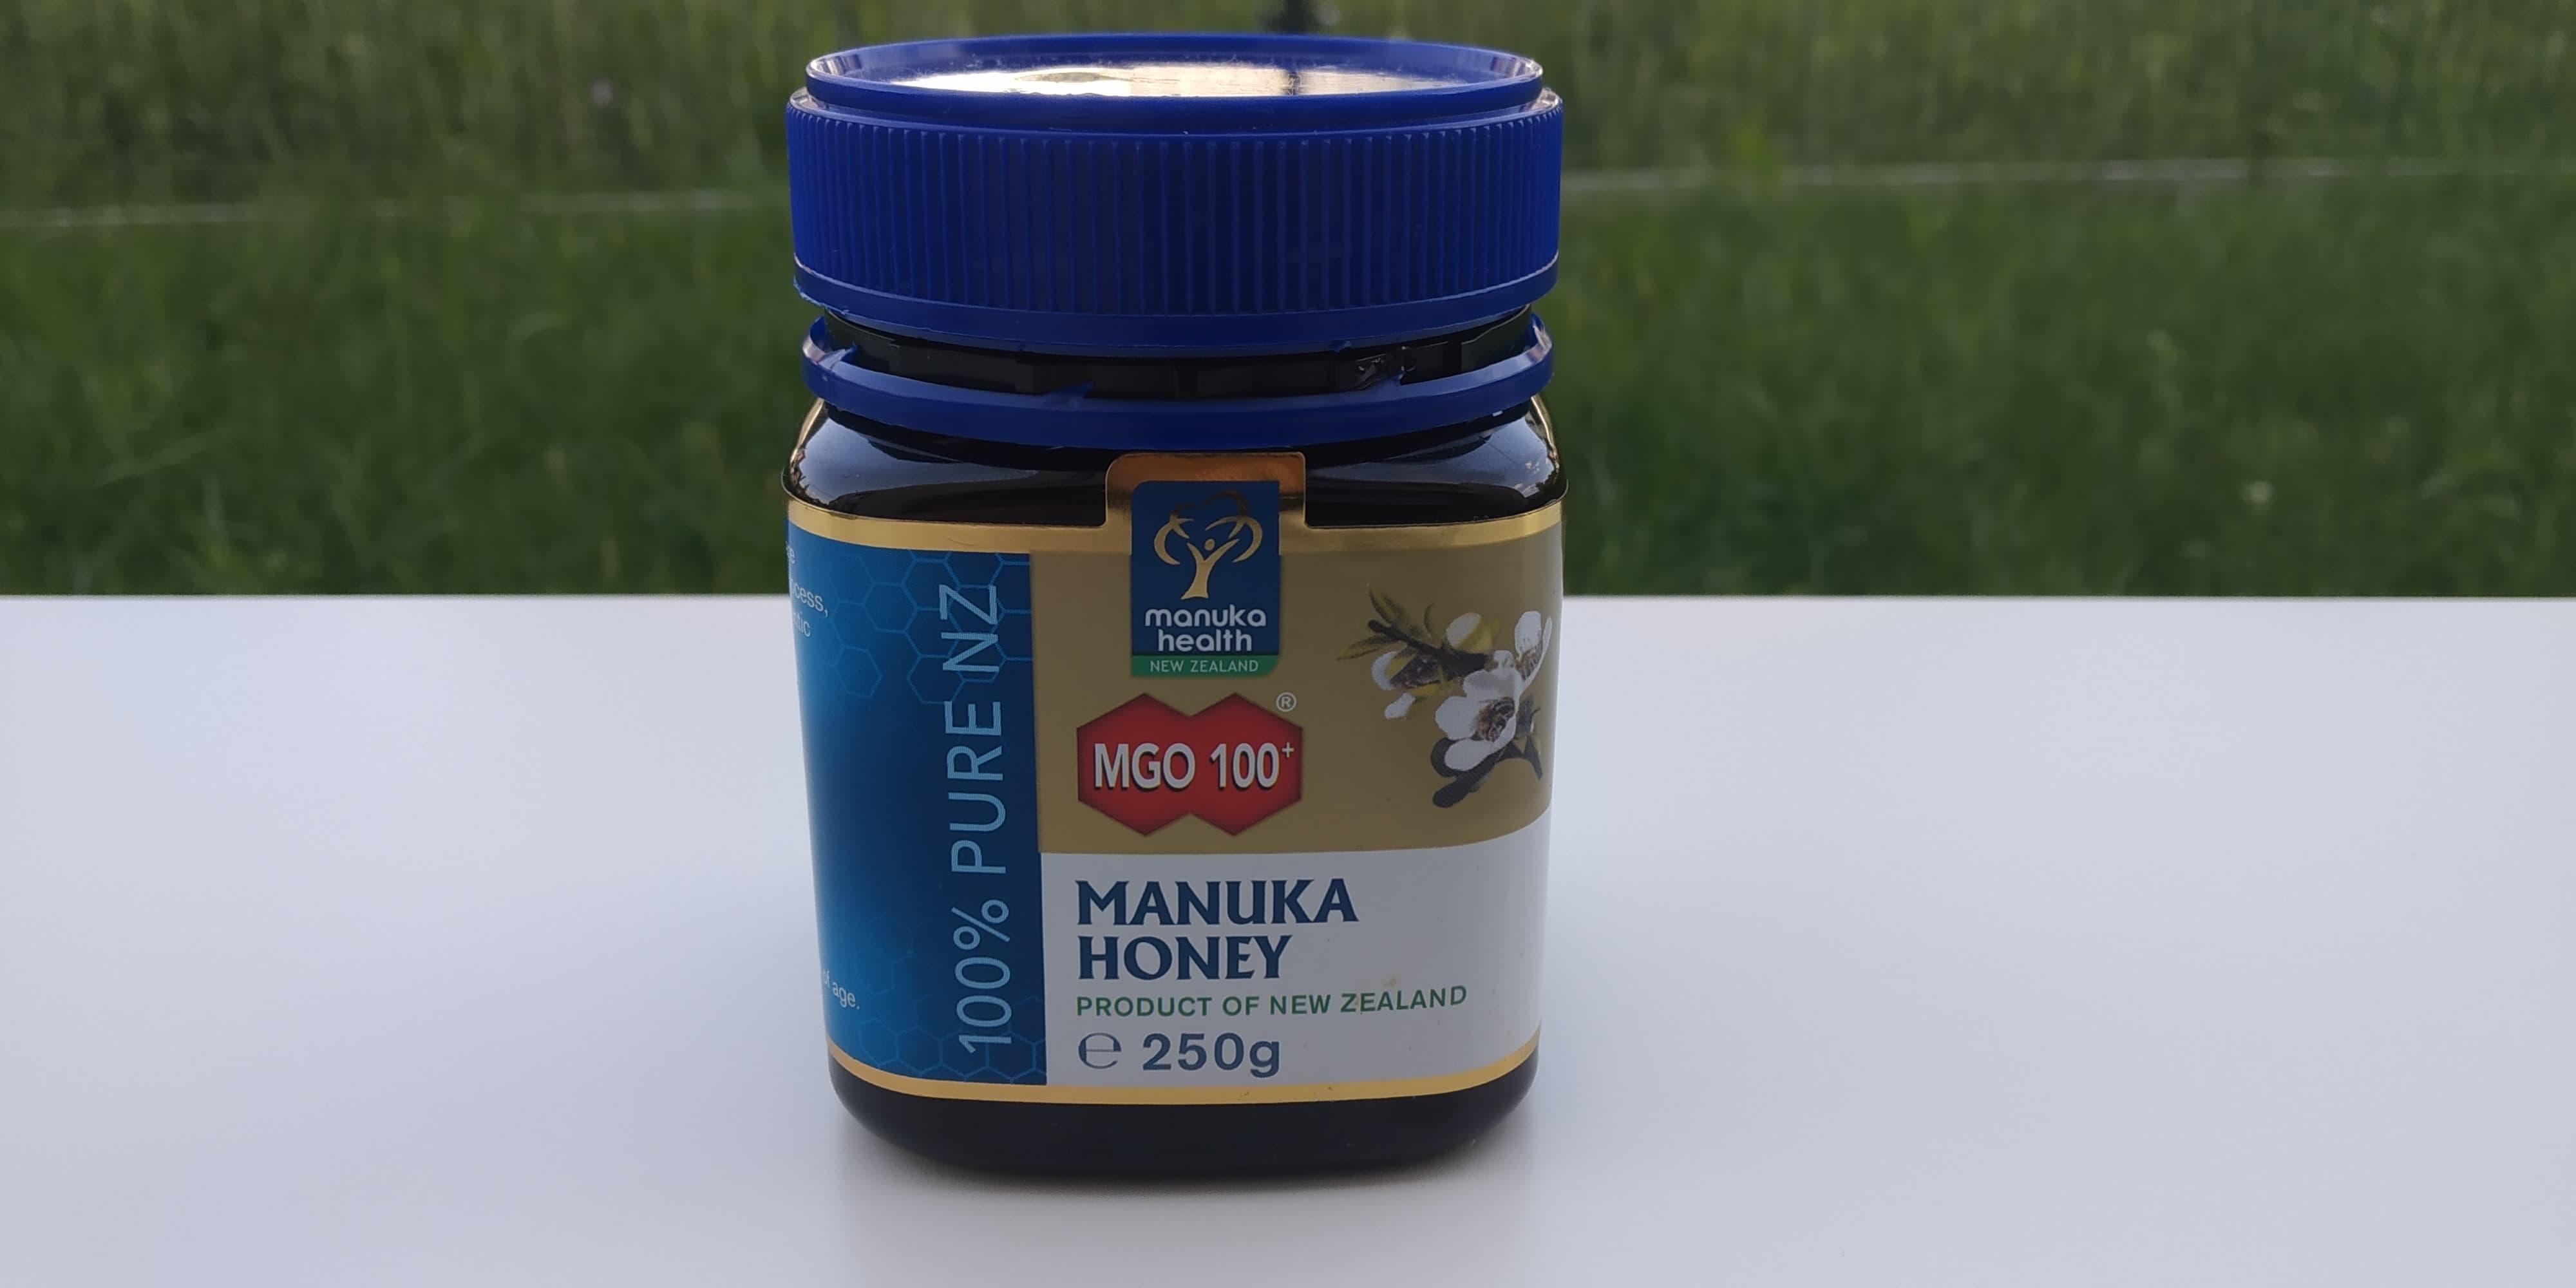 Miód Manuka – właściwości i zastosowanie w kosmetyce